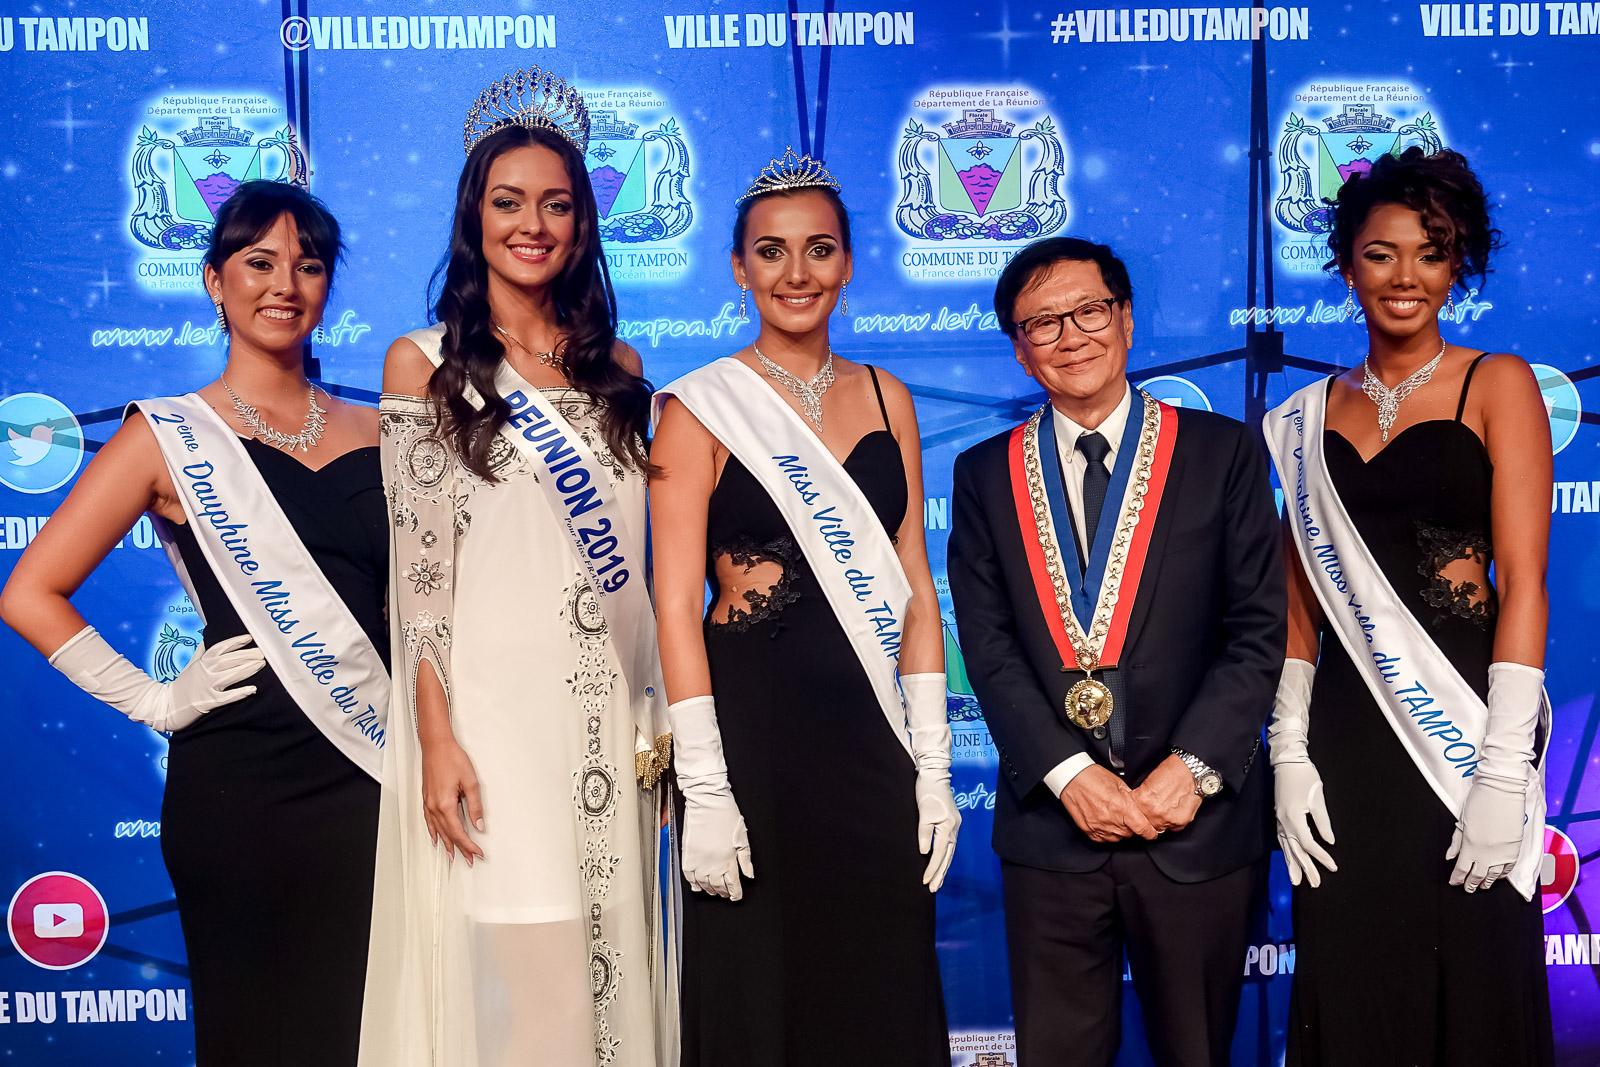 Barbara Payet, 2ème dauphine, Morgane Lebon, Miss Réunion 2019, Stacy Boucher, Miss Ville du Tampon 2019, André Thien Ah Koon, maire du Tampon, et Taciana Bègue, 1ère dauphine